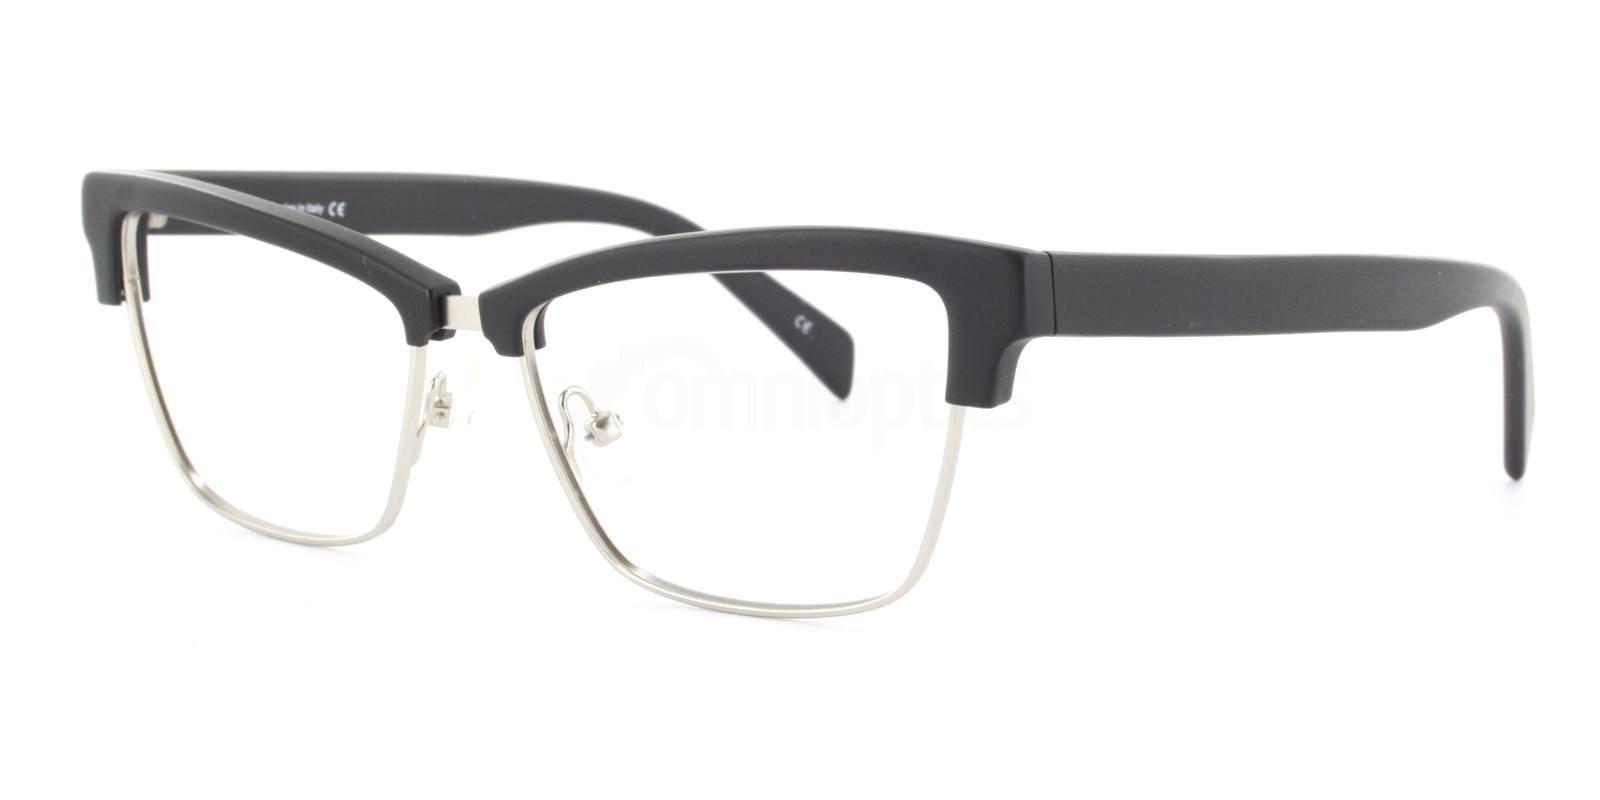 C1 G6663 Glasses, Antares